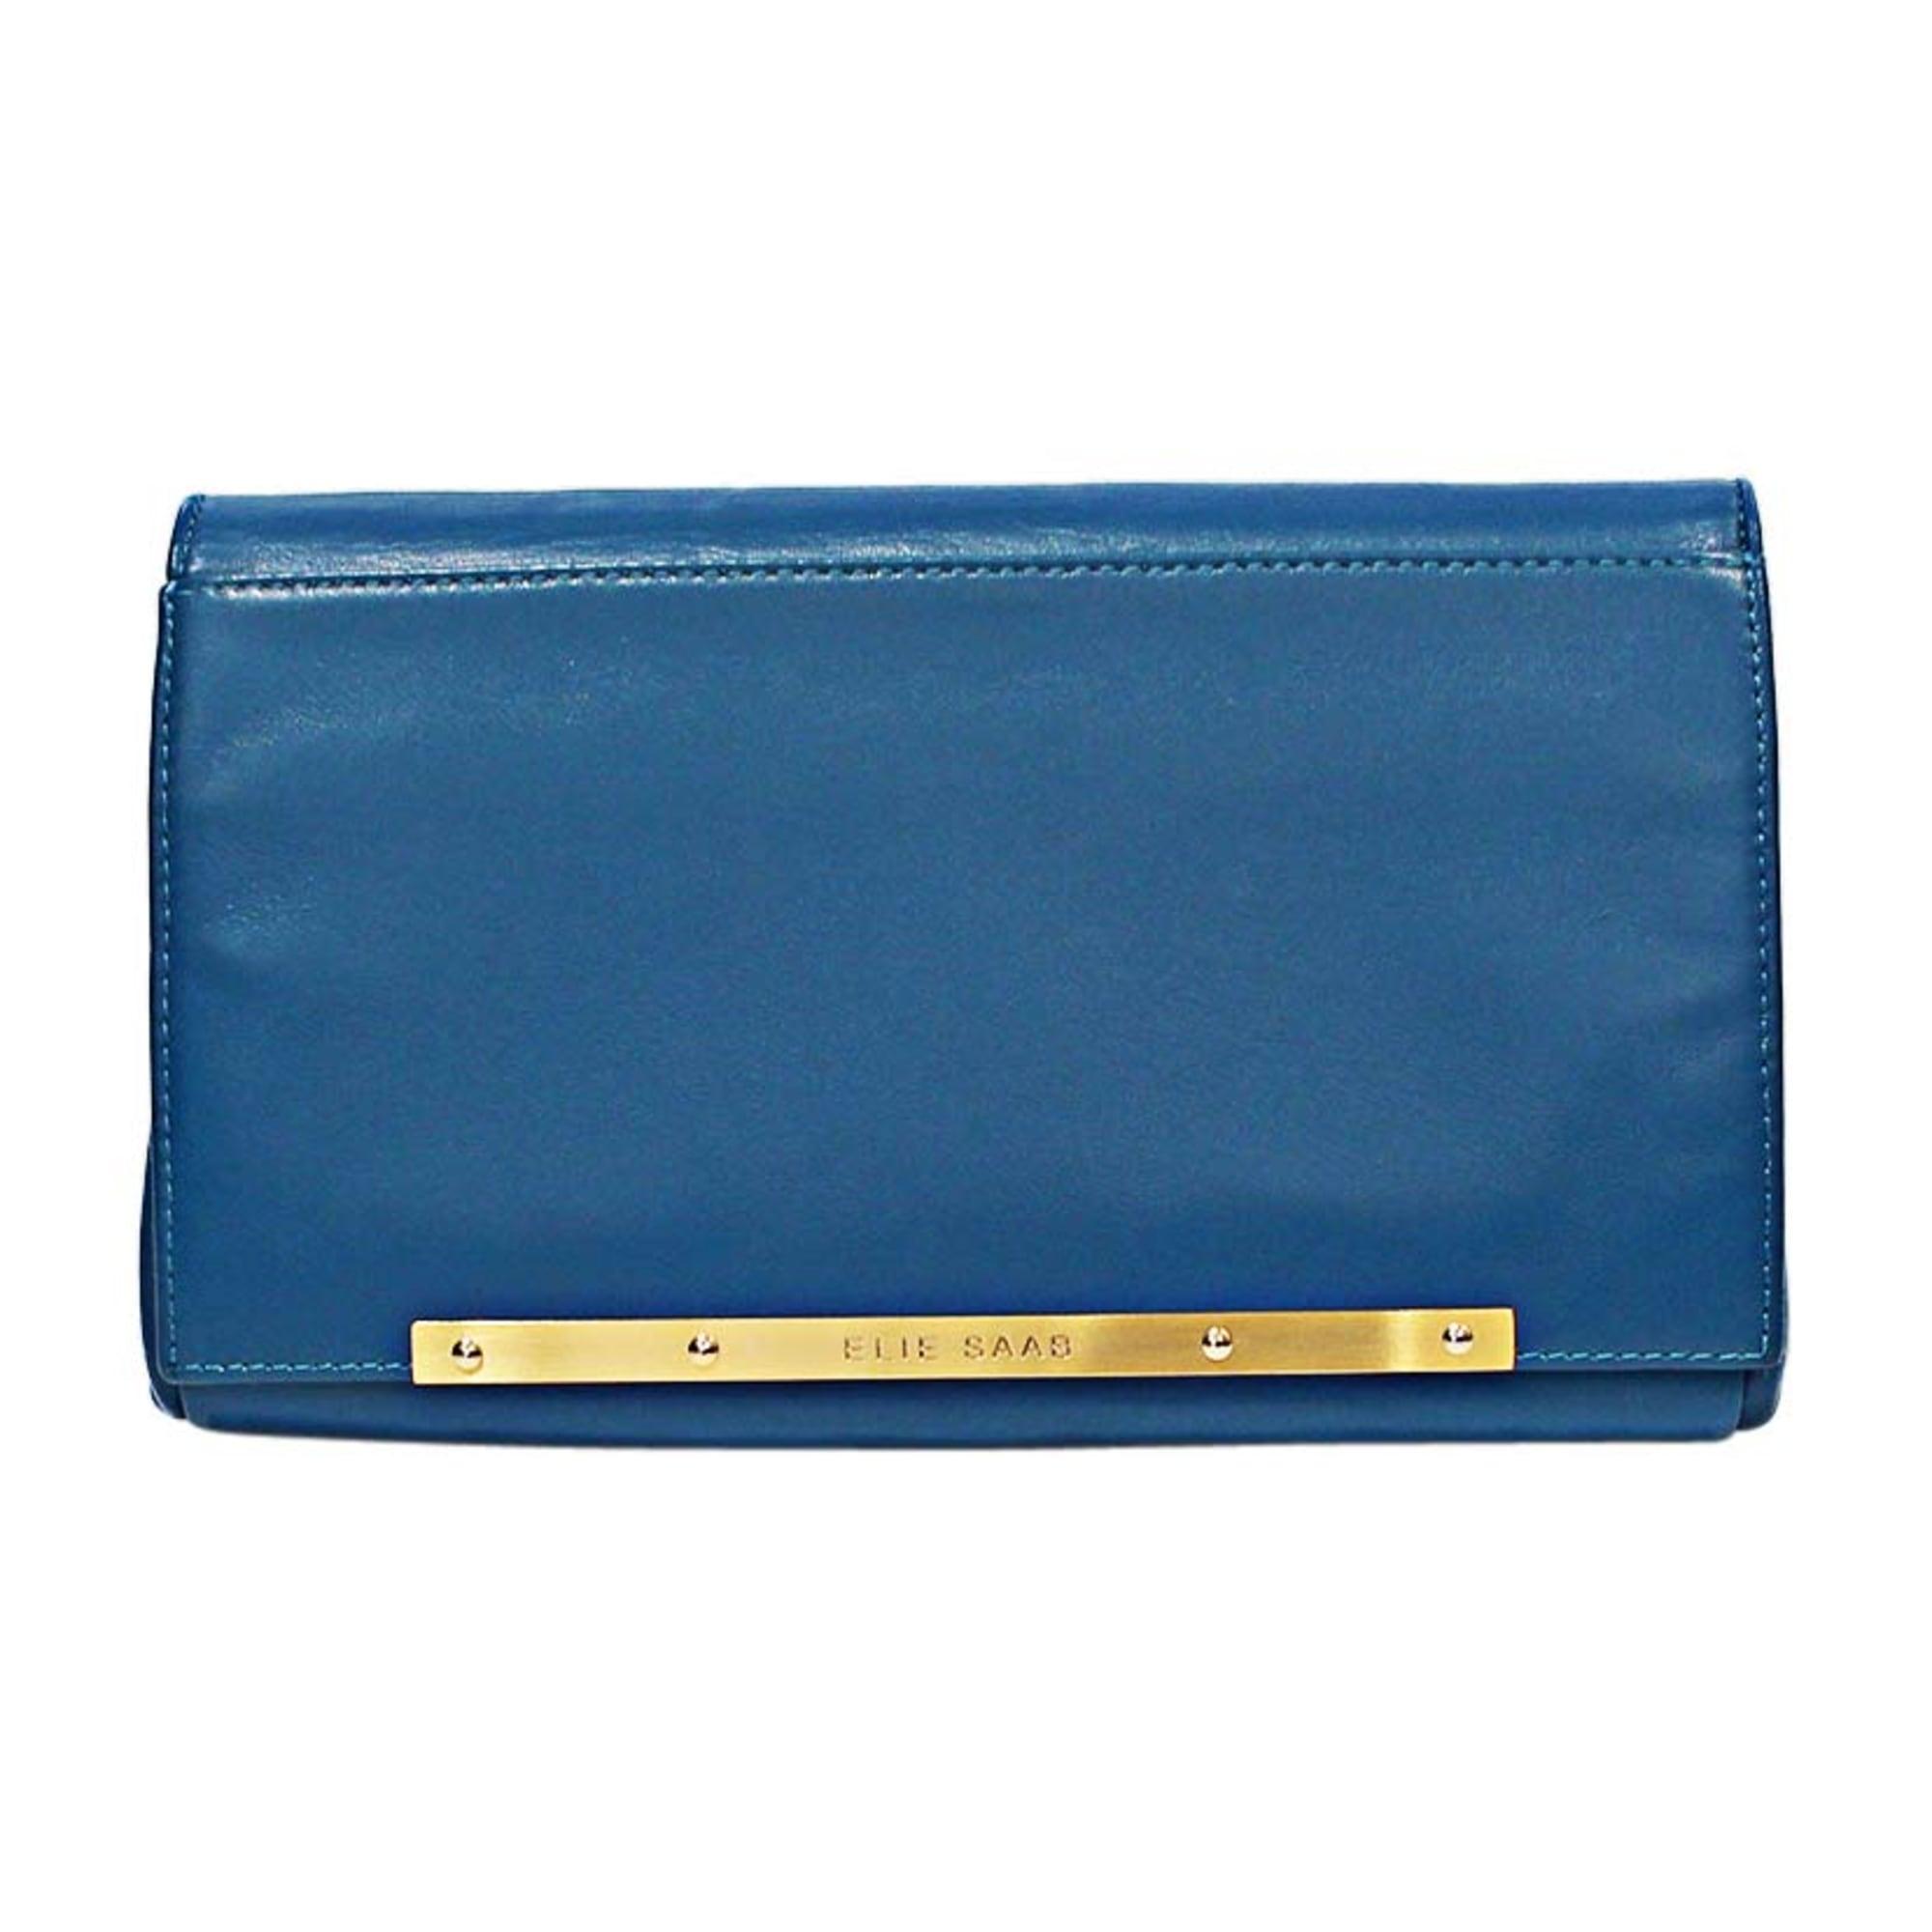 Sac pochette en cuir ELIE SAAB cuir bleu